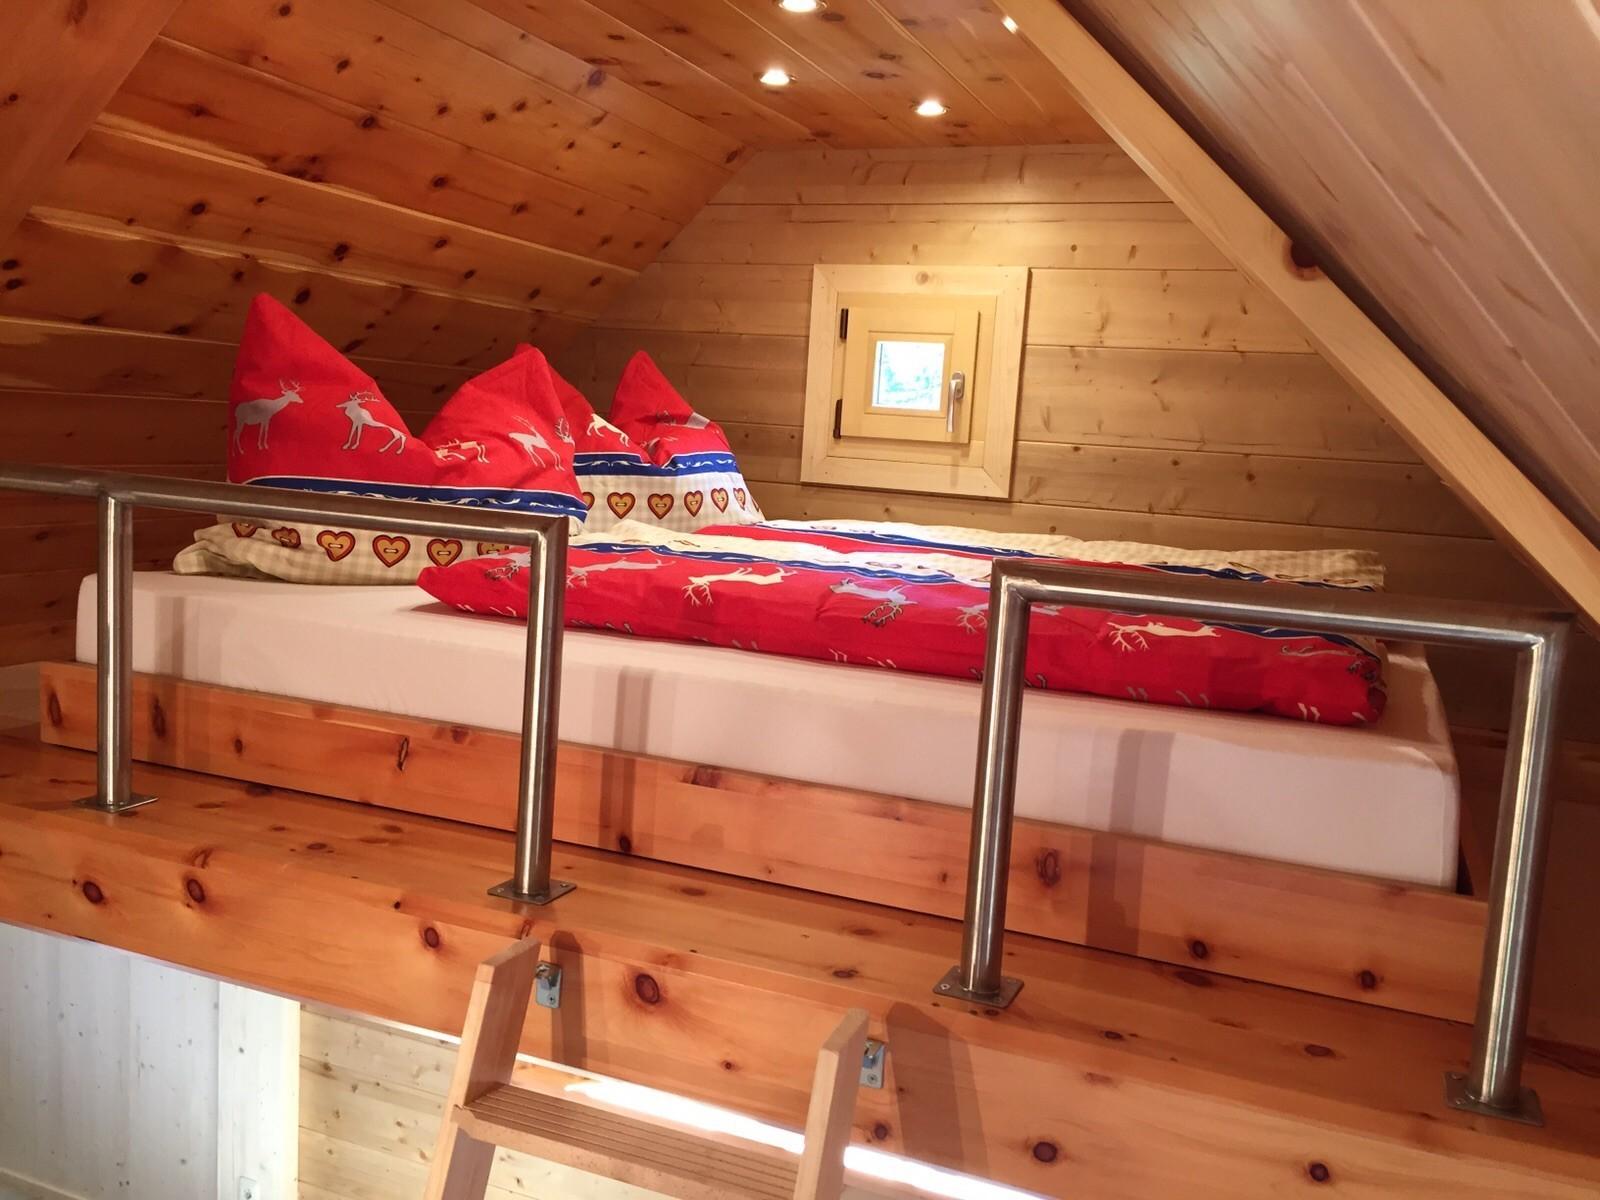 Hochbett 1 - Schlafbereich für 2 Erwachsene (160 x 200cm)